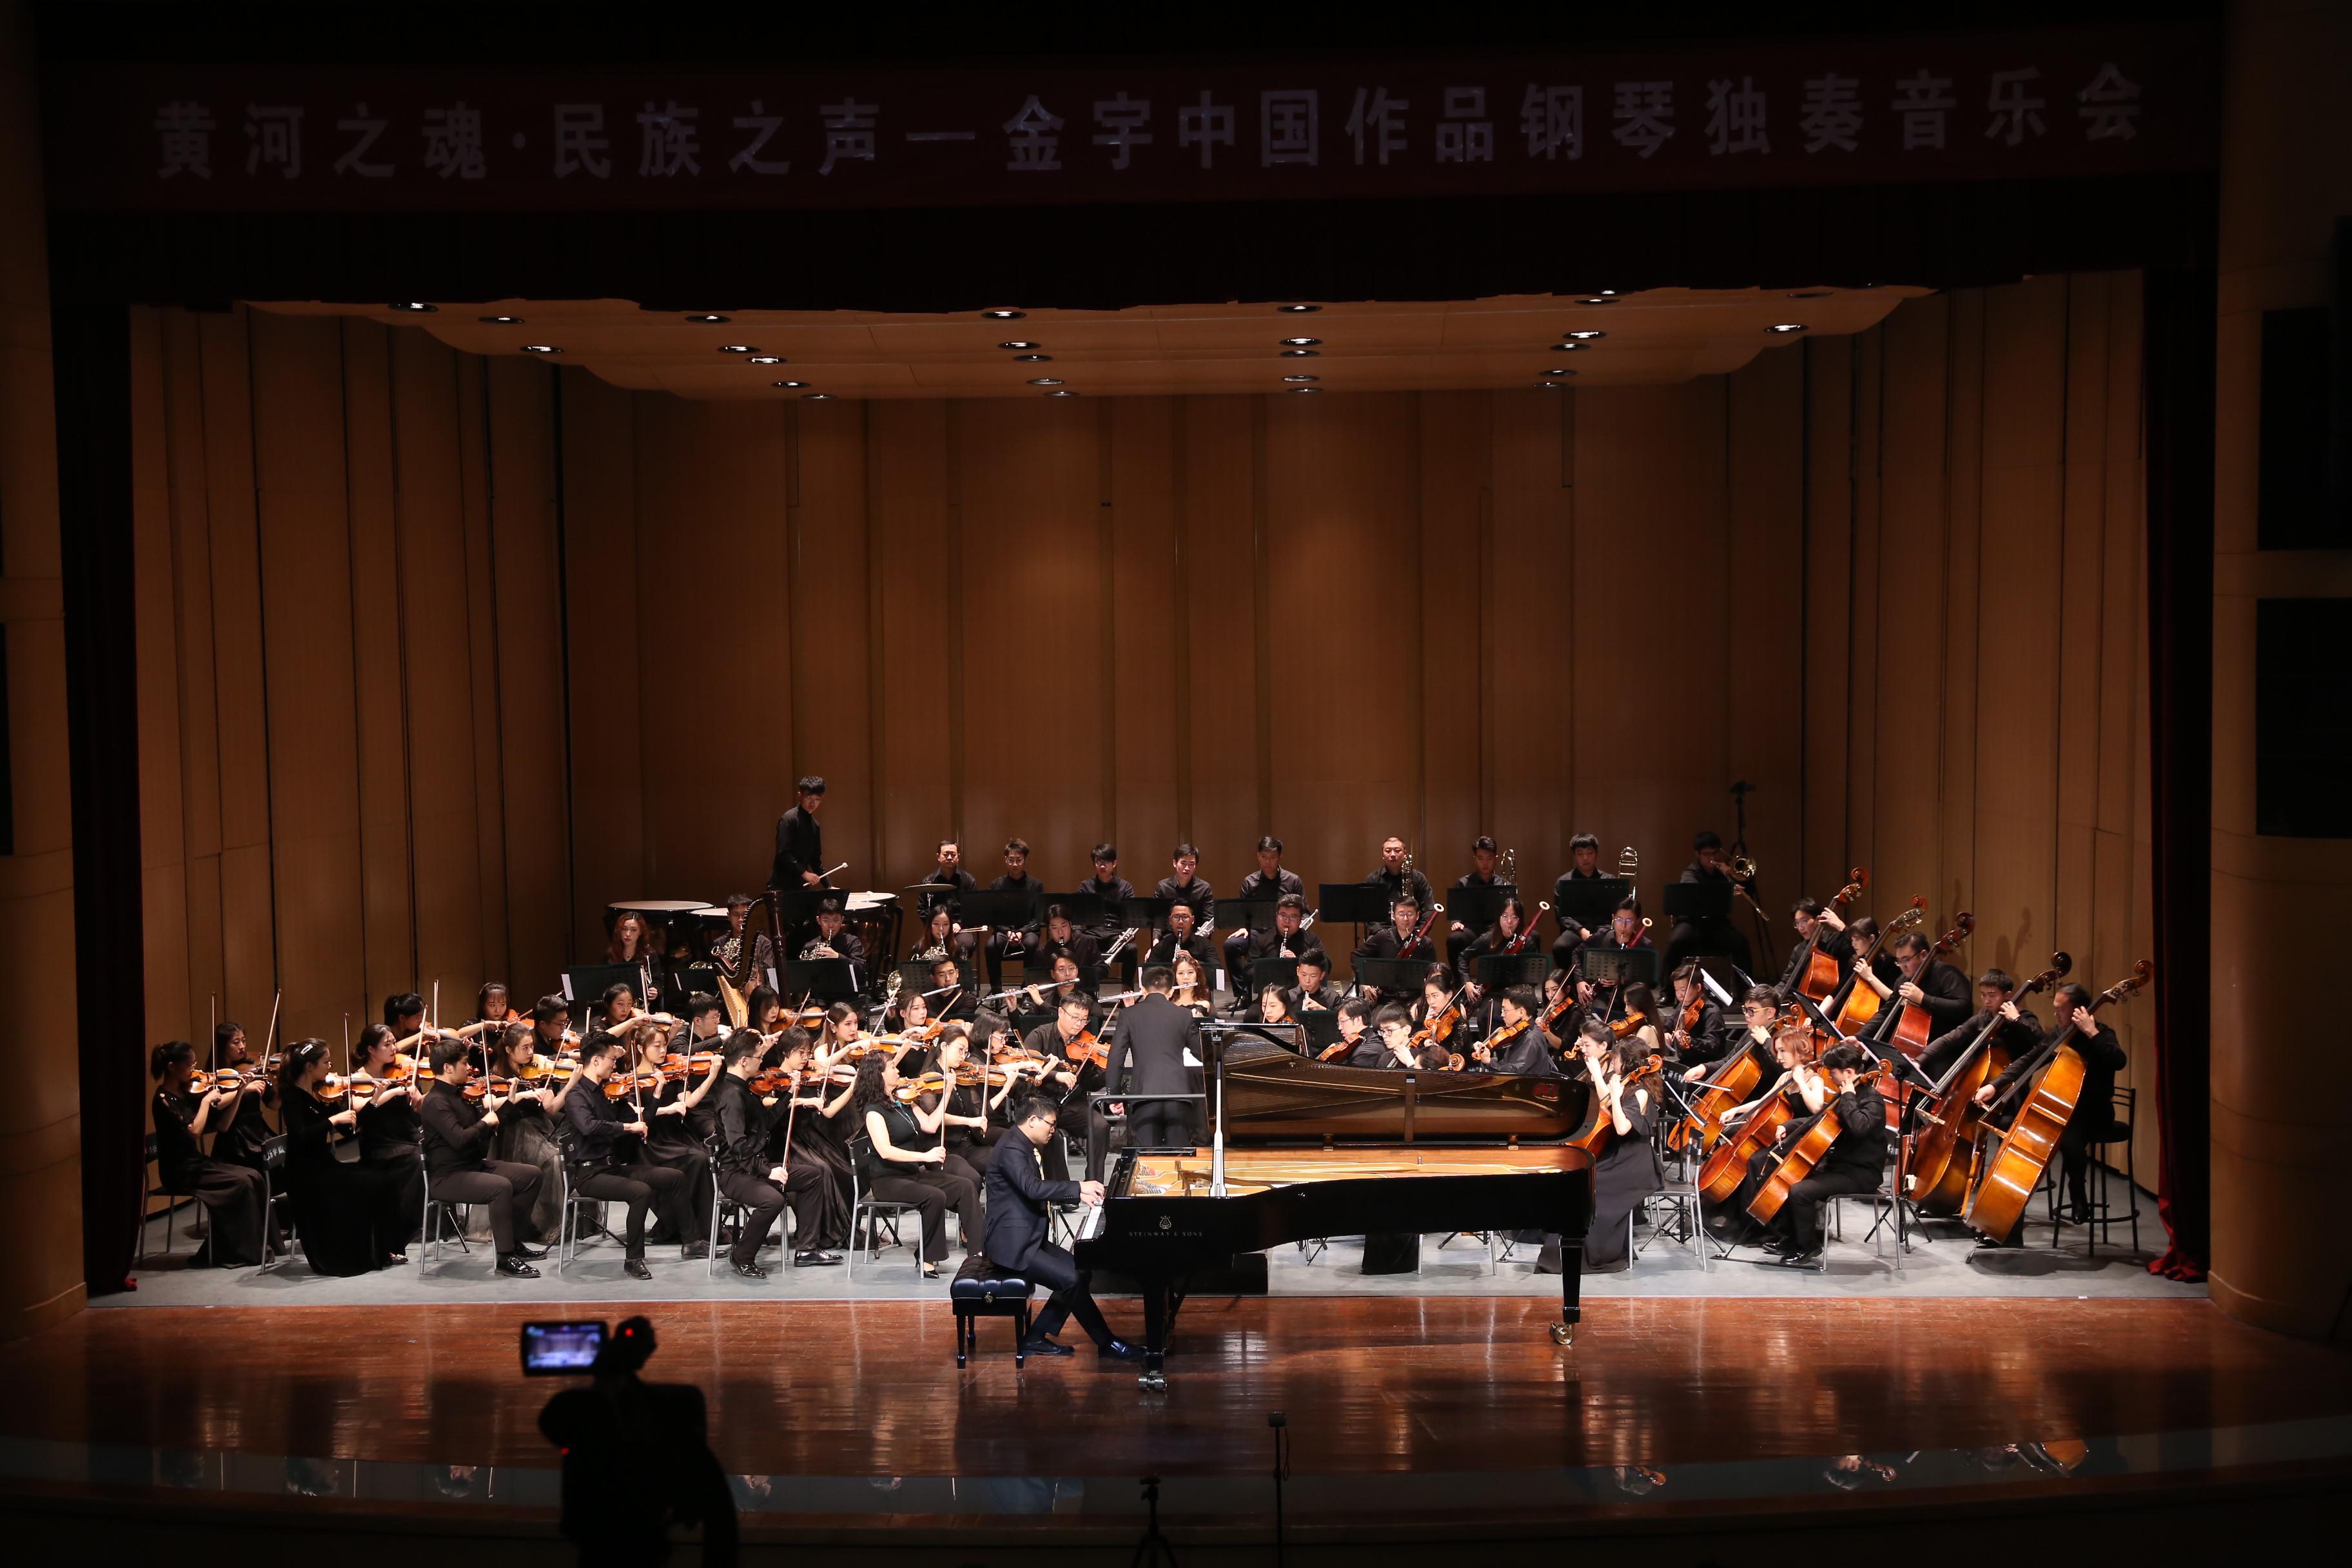 山东艺术学院音乐学院举办黄河之魂·民族之声——金宇中国作品钢琴独奏音乐会